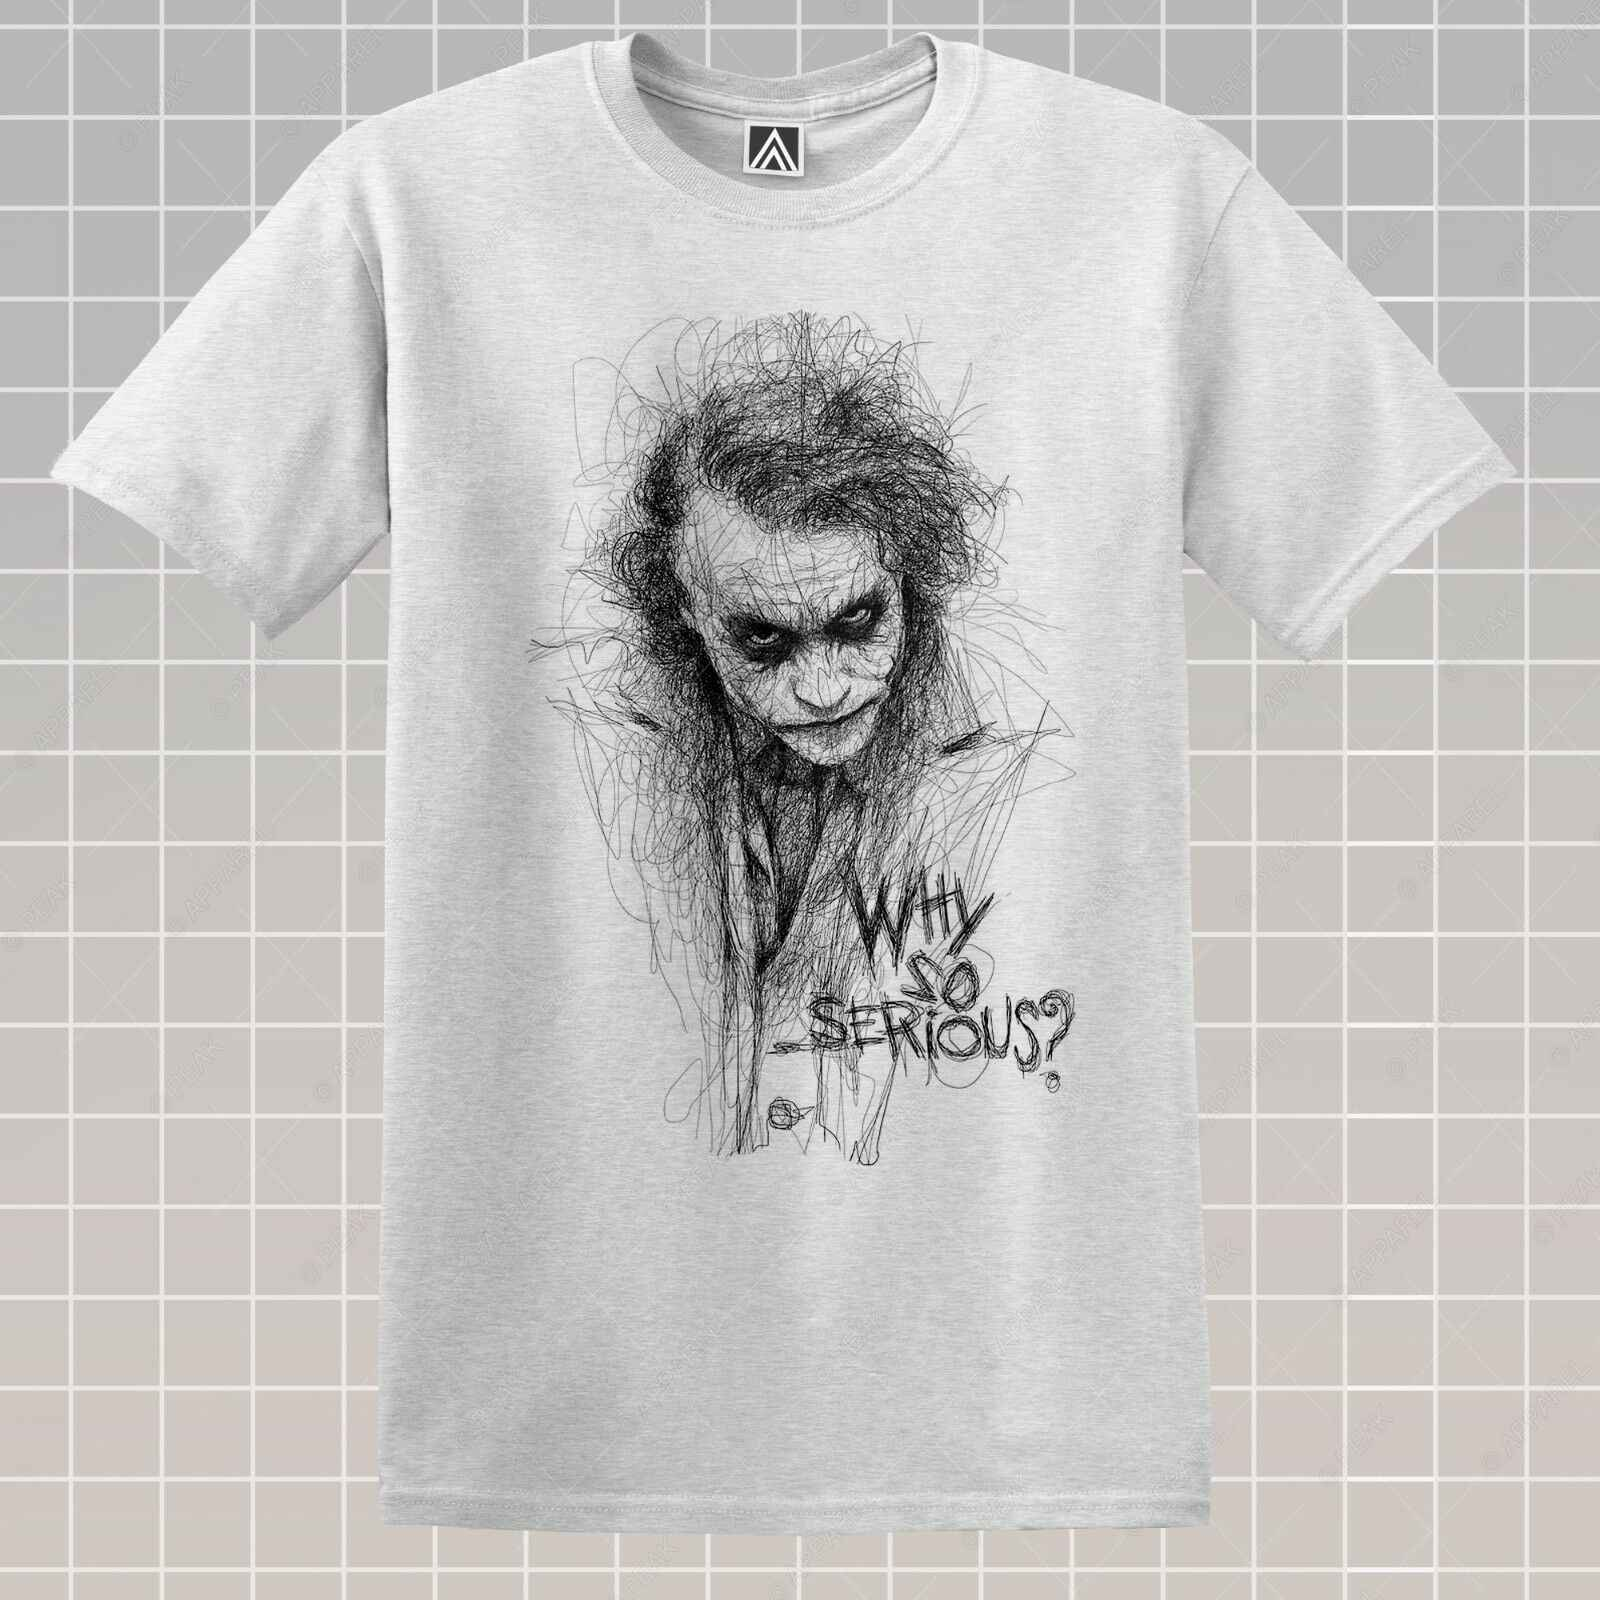 Джокер футболка с рисунком Gotham Ретро комиксов почему так серьезно футболка Винтаж злодей Топ Повседневное короткий рукав Футболка Топы Оптовая Продажа Tee